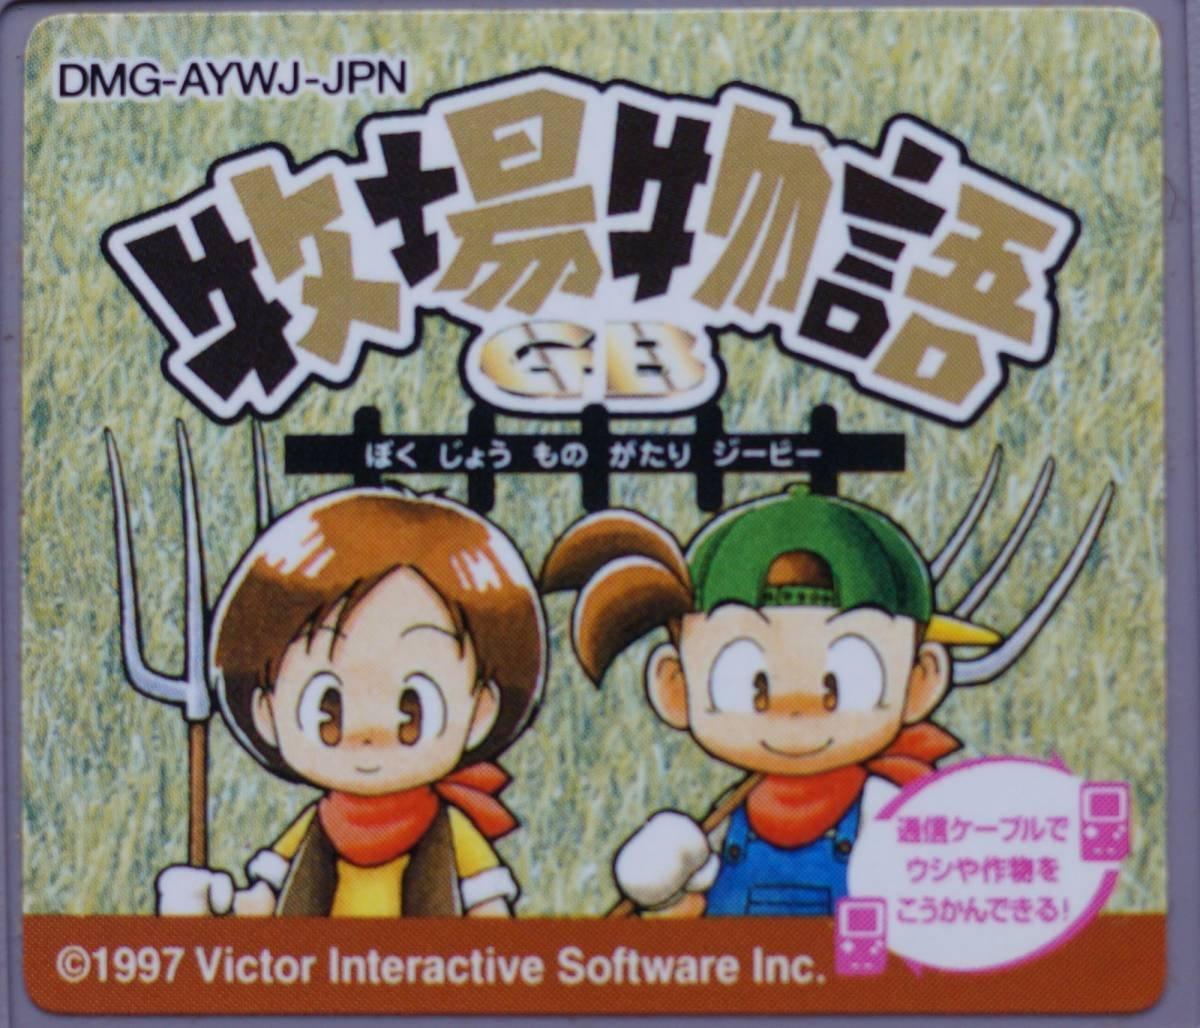 ゲームボーイ カートリッジ : 牧場物語 GB DMG-AYWJ